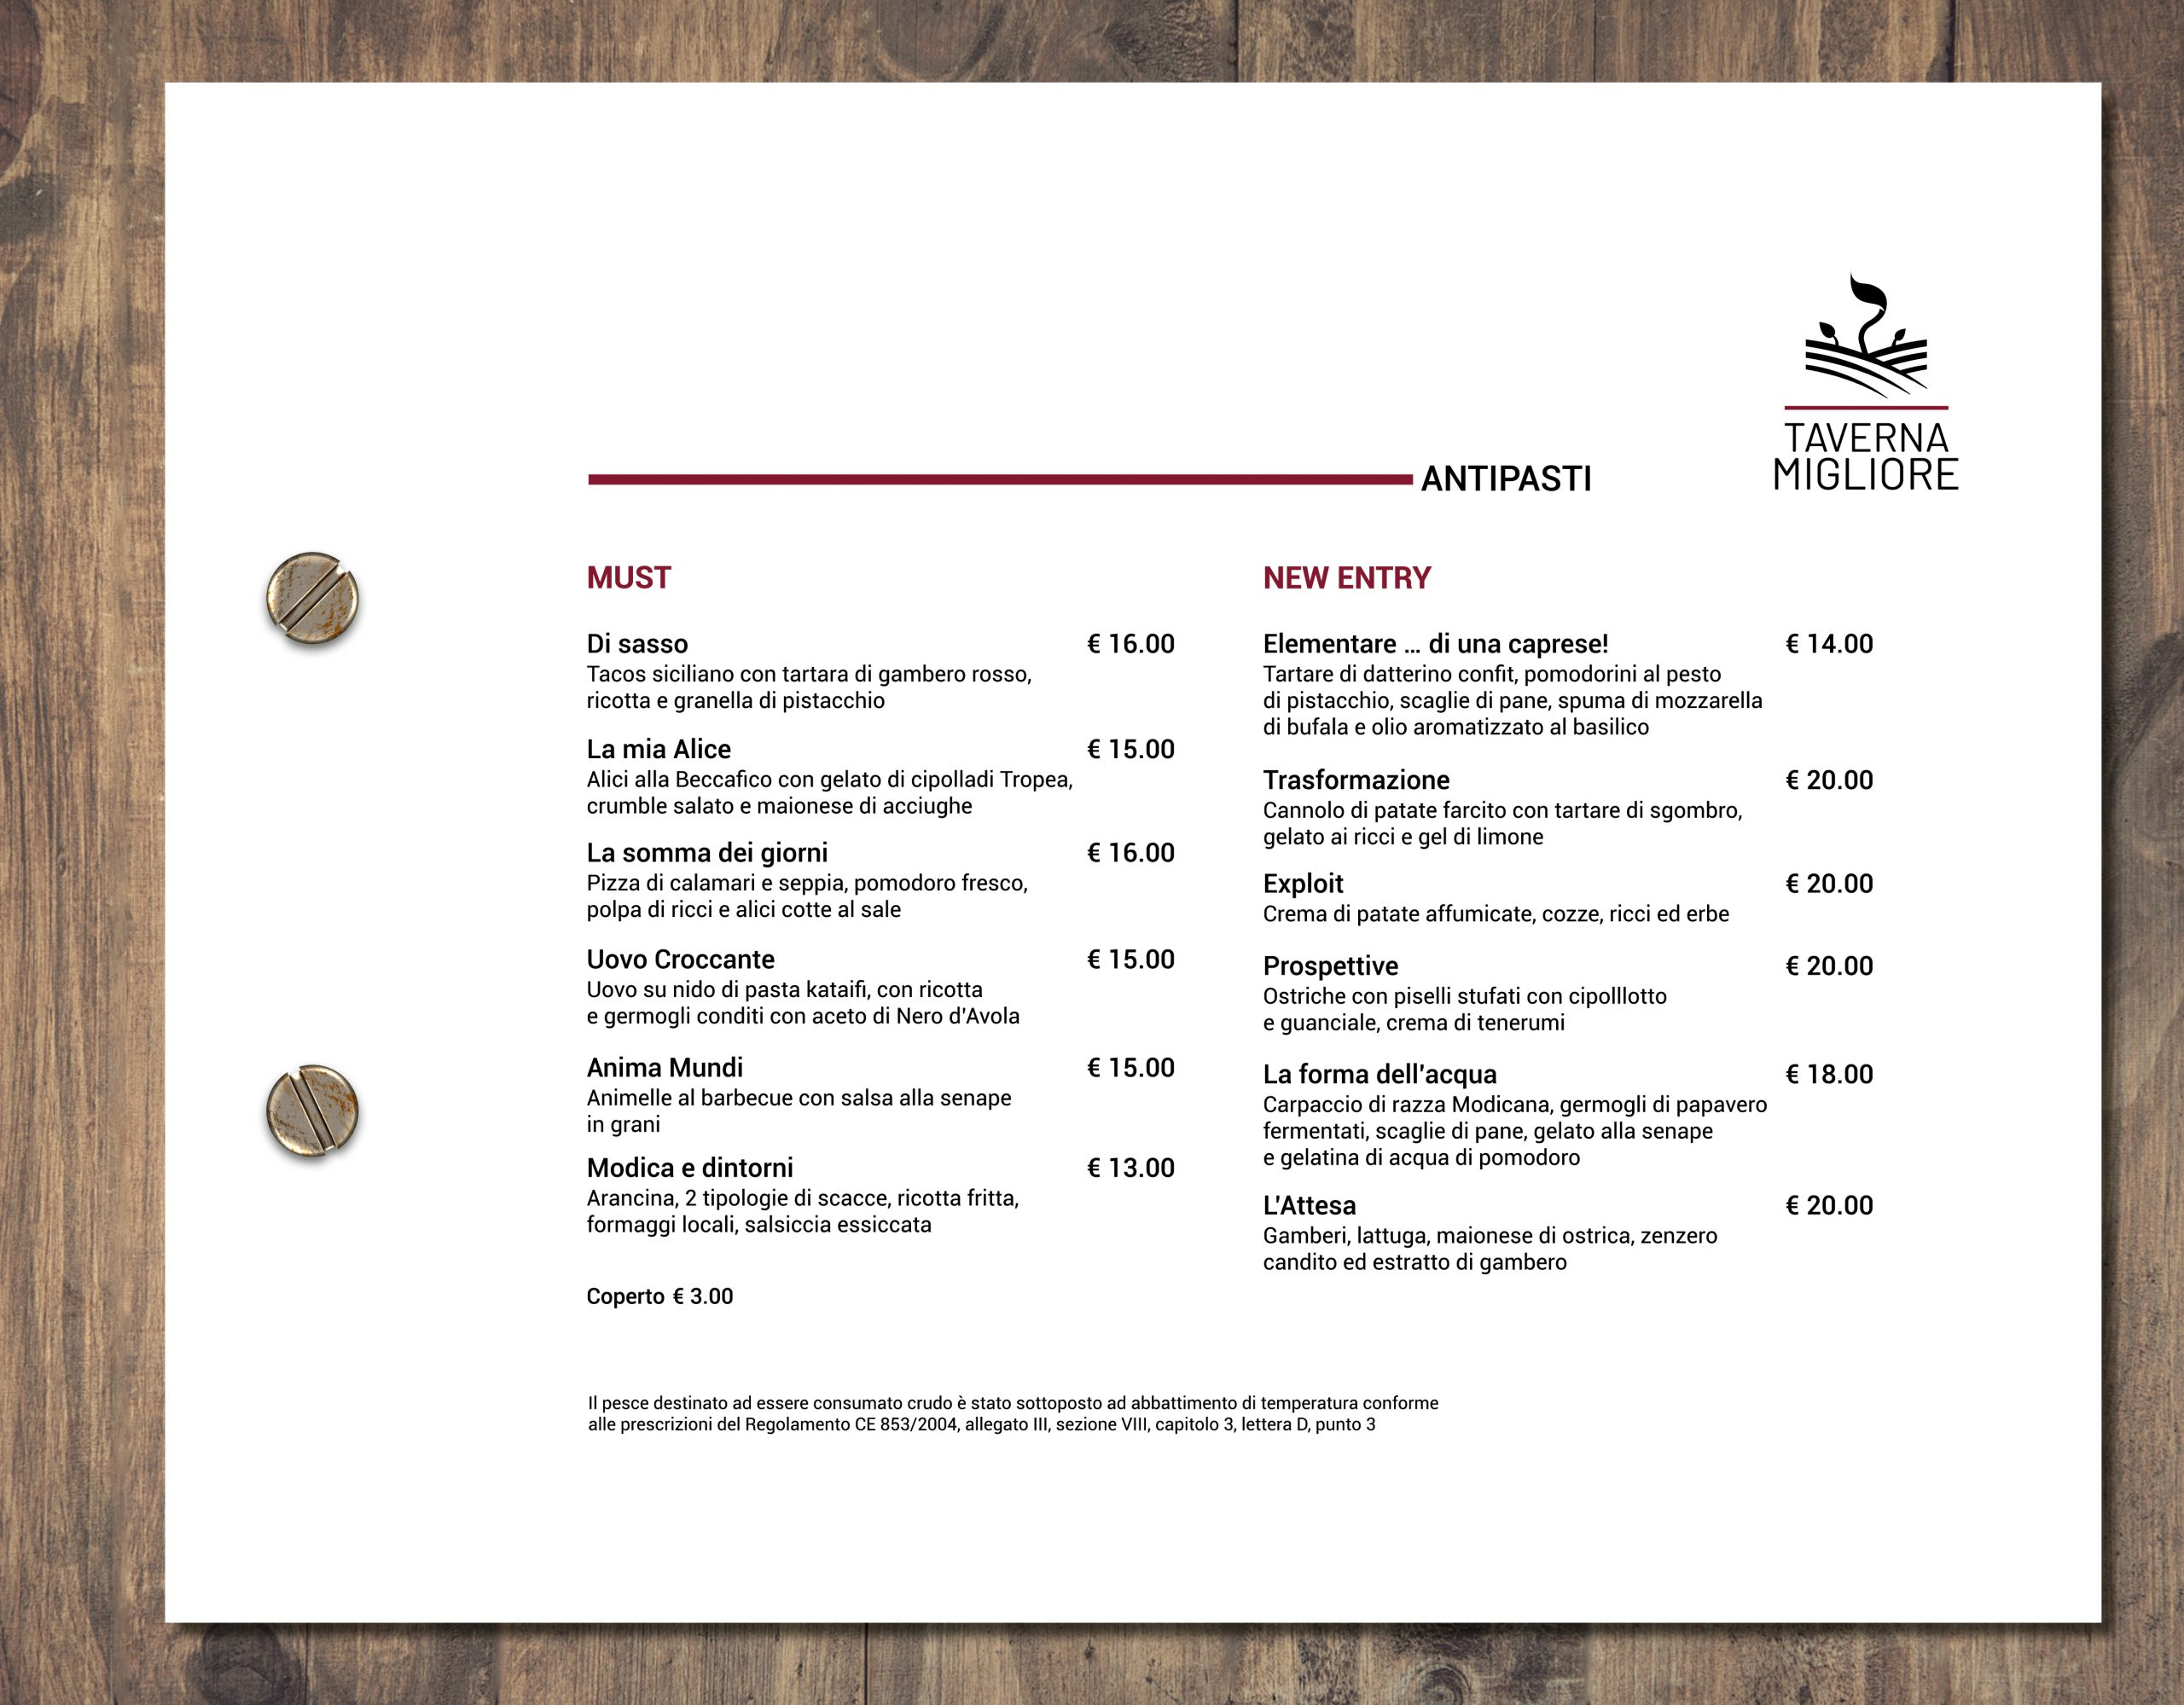 Mockup Taverna Migliore menu